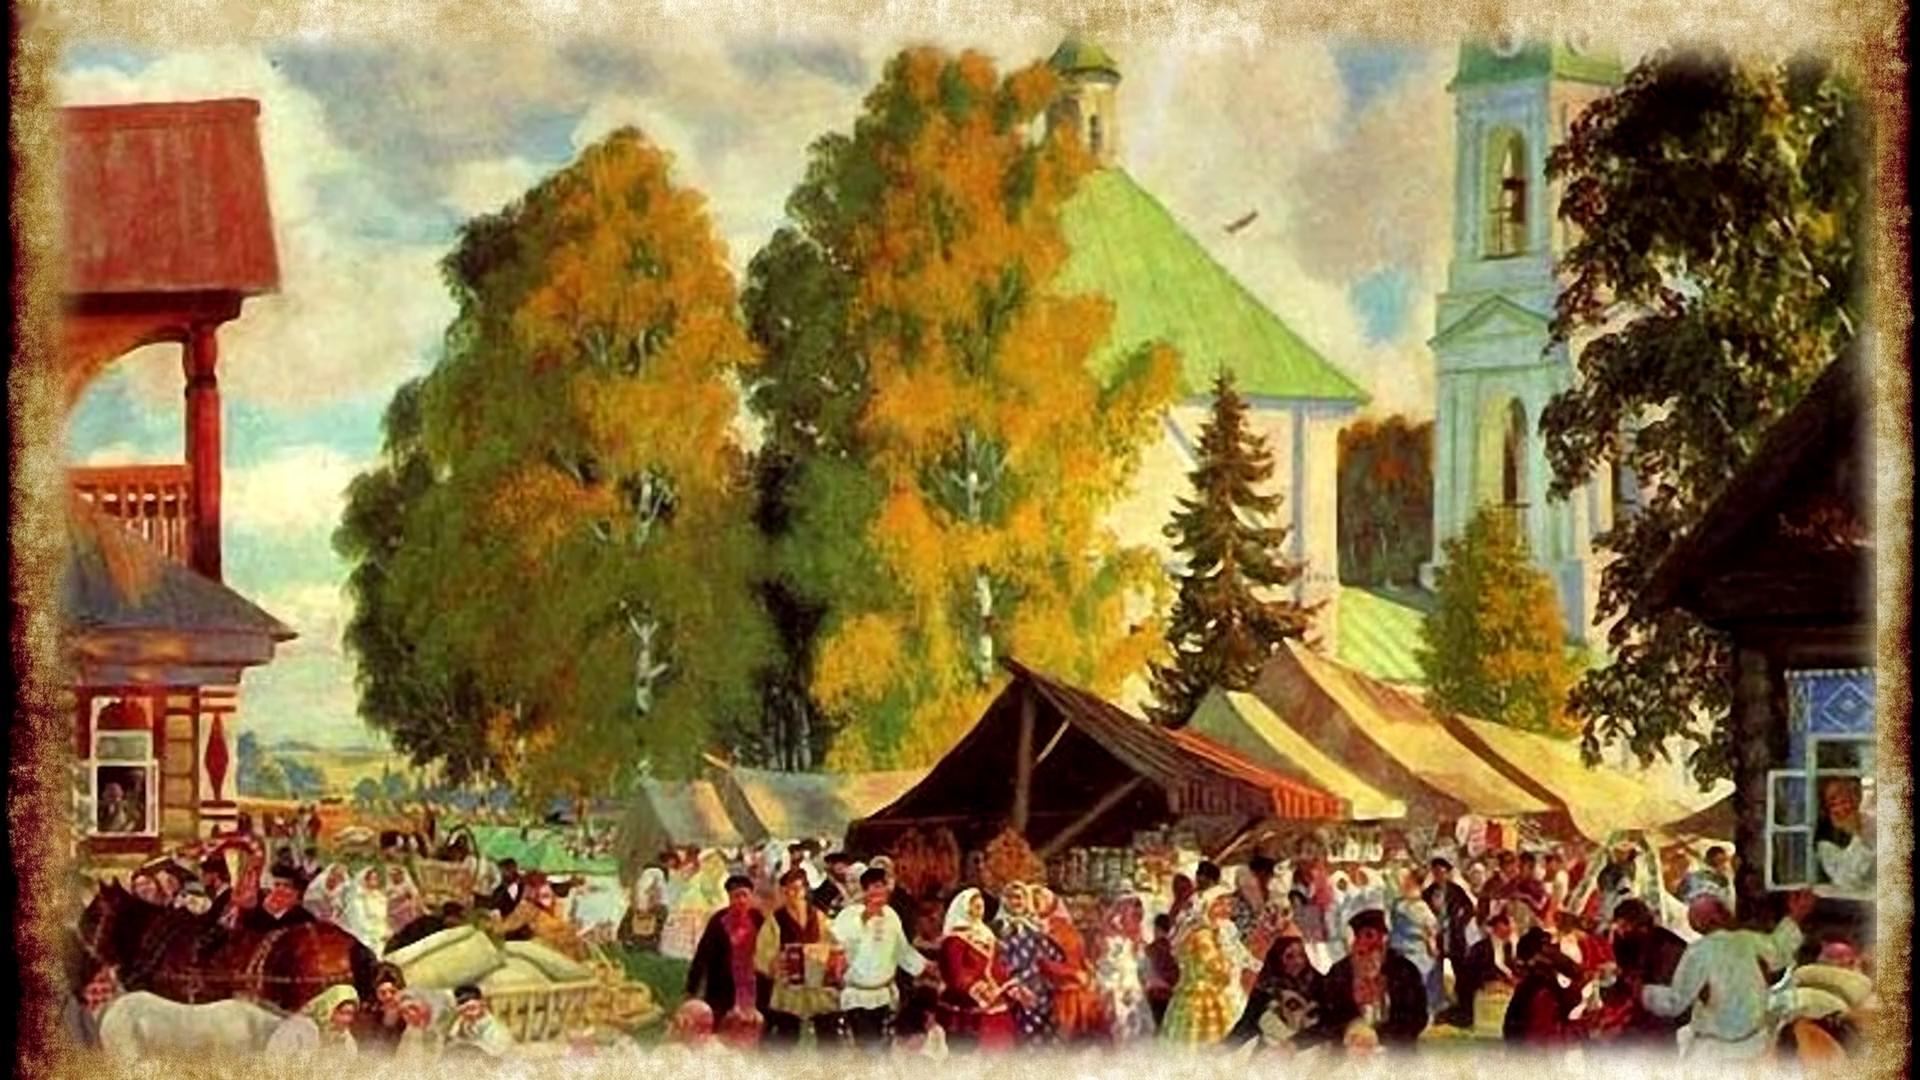 кустодиев осенний сельский праздник стихи к картине нашем обзоре рассказ